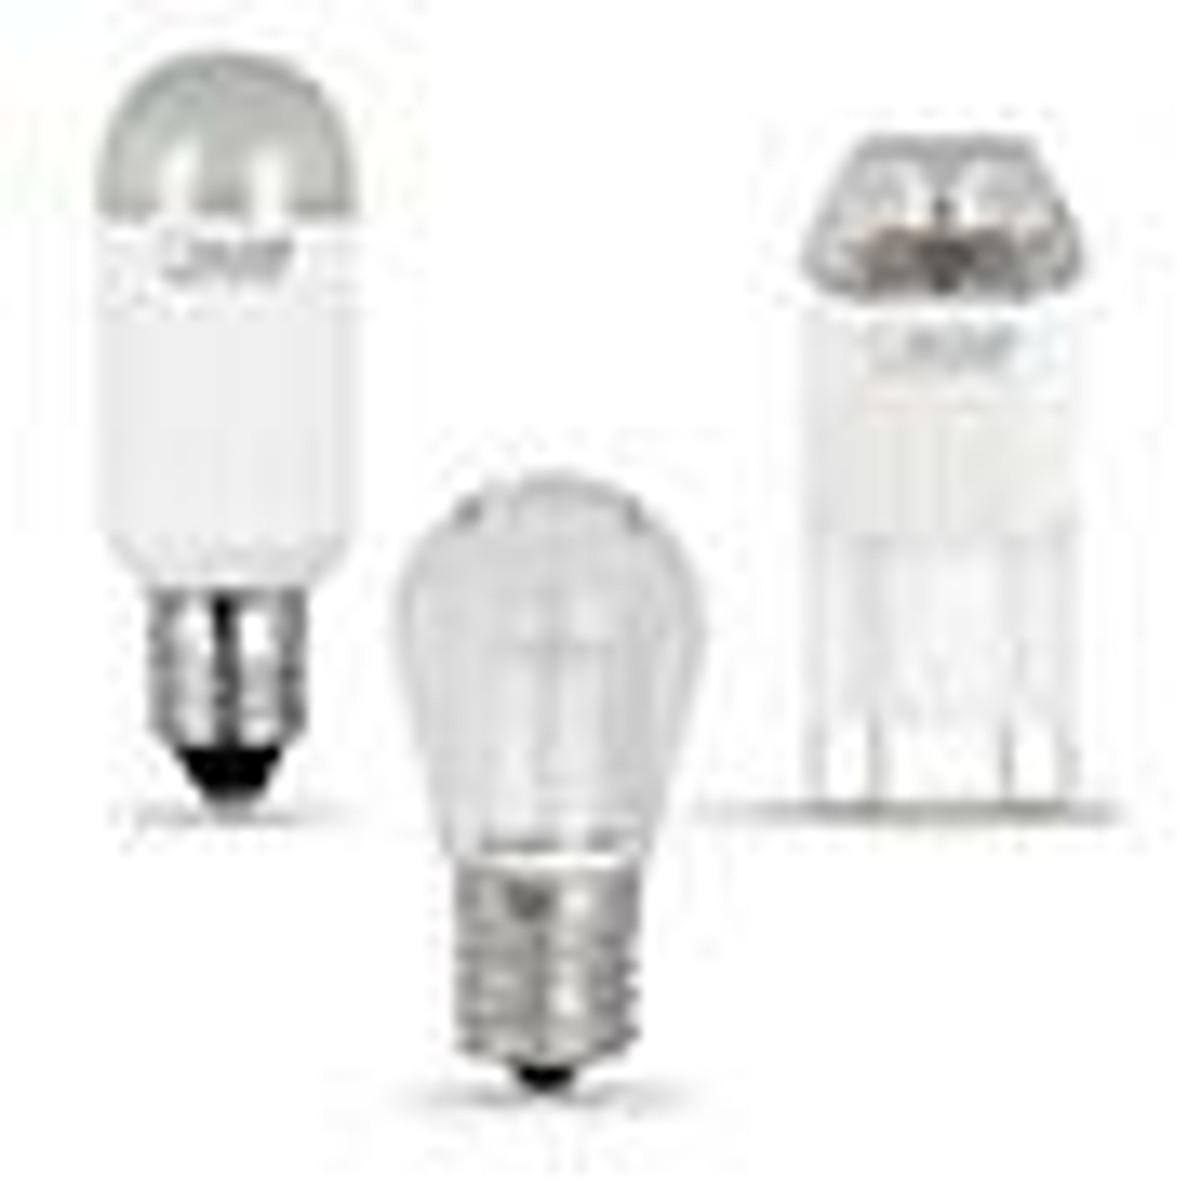 120V Speciality Bulbs